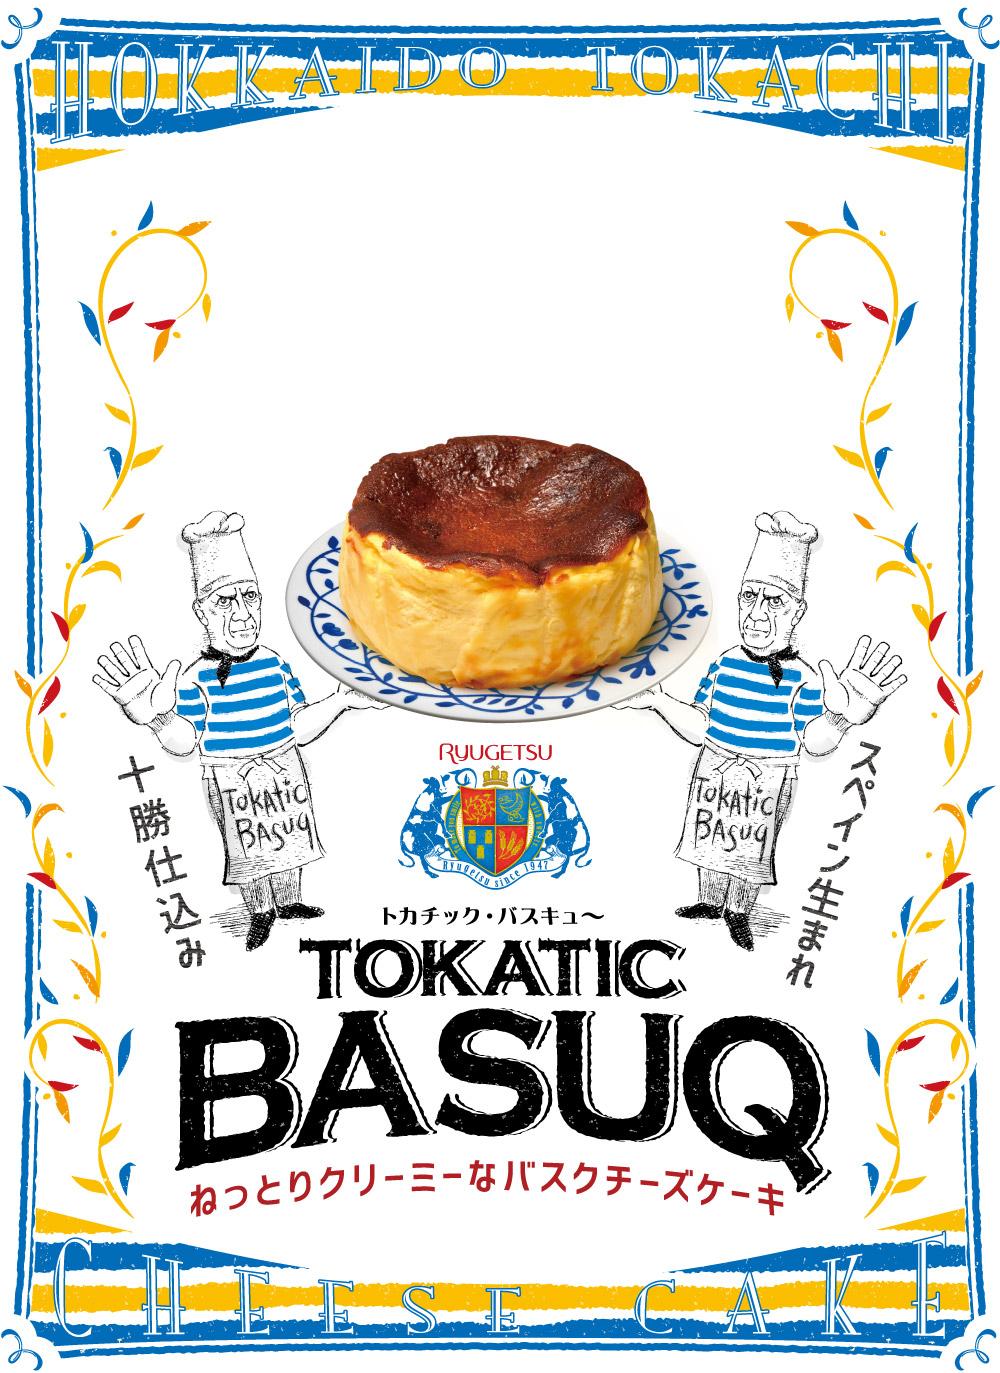 トカチック・バスキュー~ TOKATIC BASUQ バスクチーズケーキ ねっとりクリーミーなバスクチーズケーキ